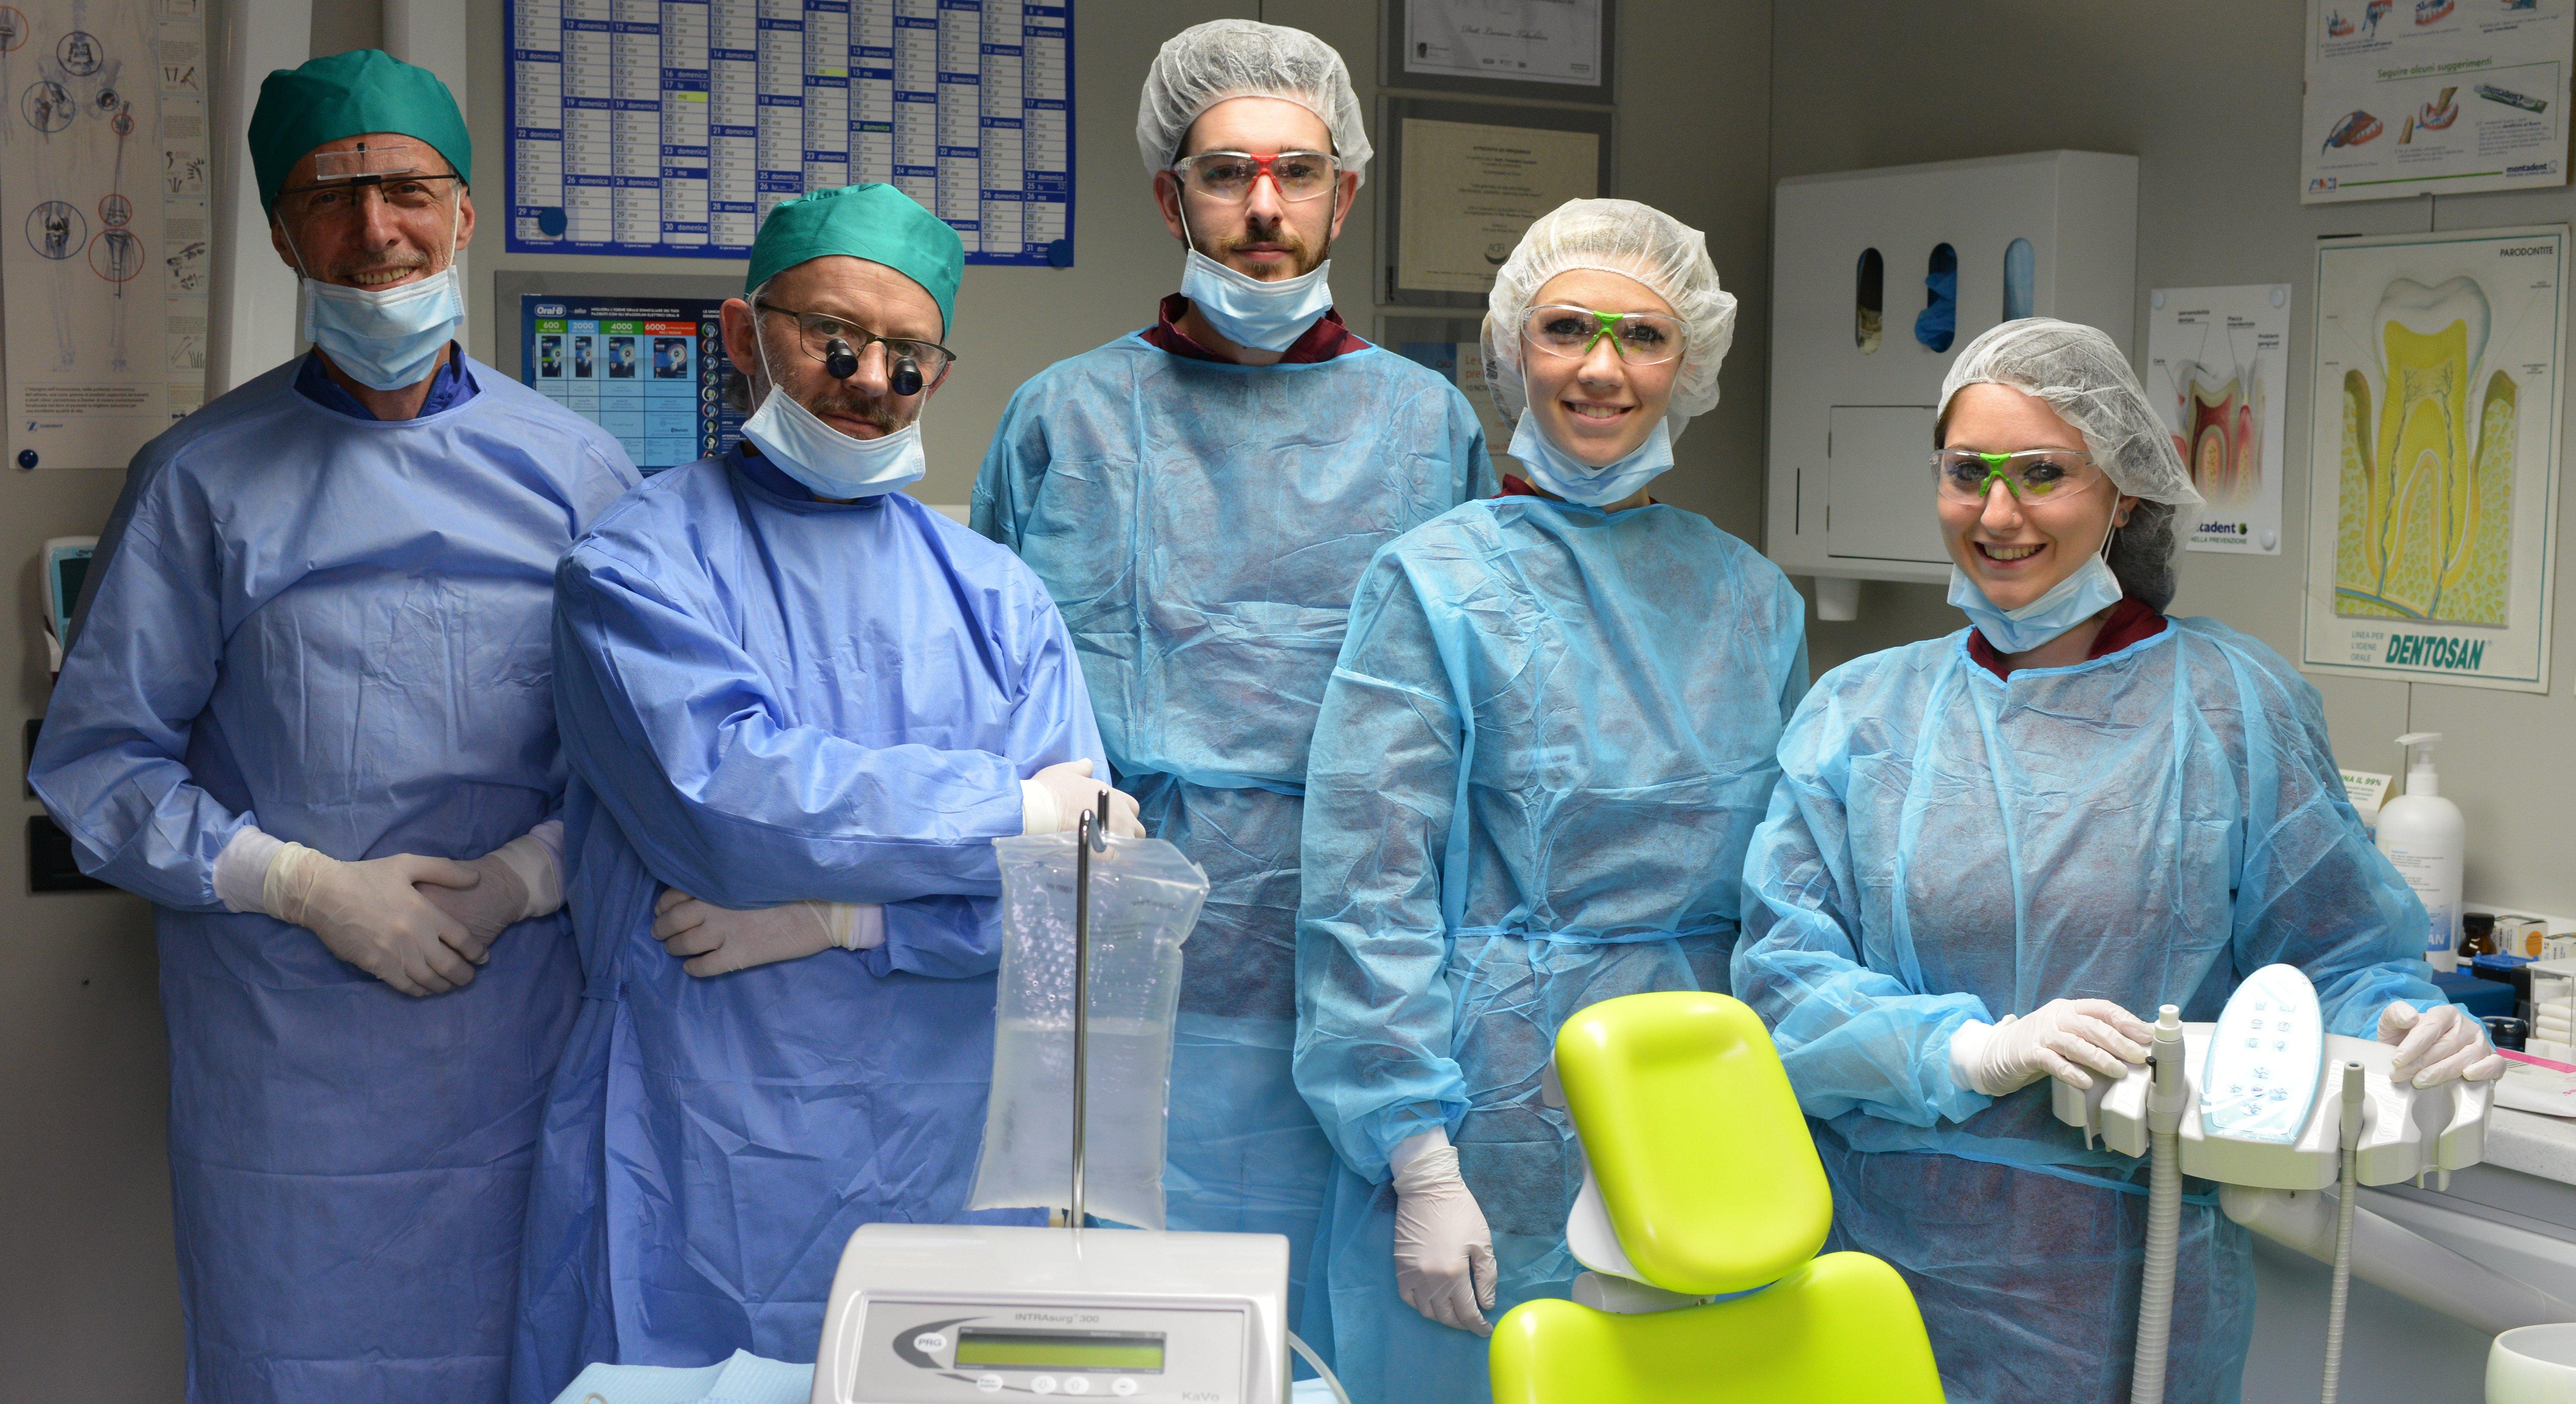 medici chirurghi odontoiatri pronti per operare